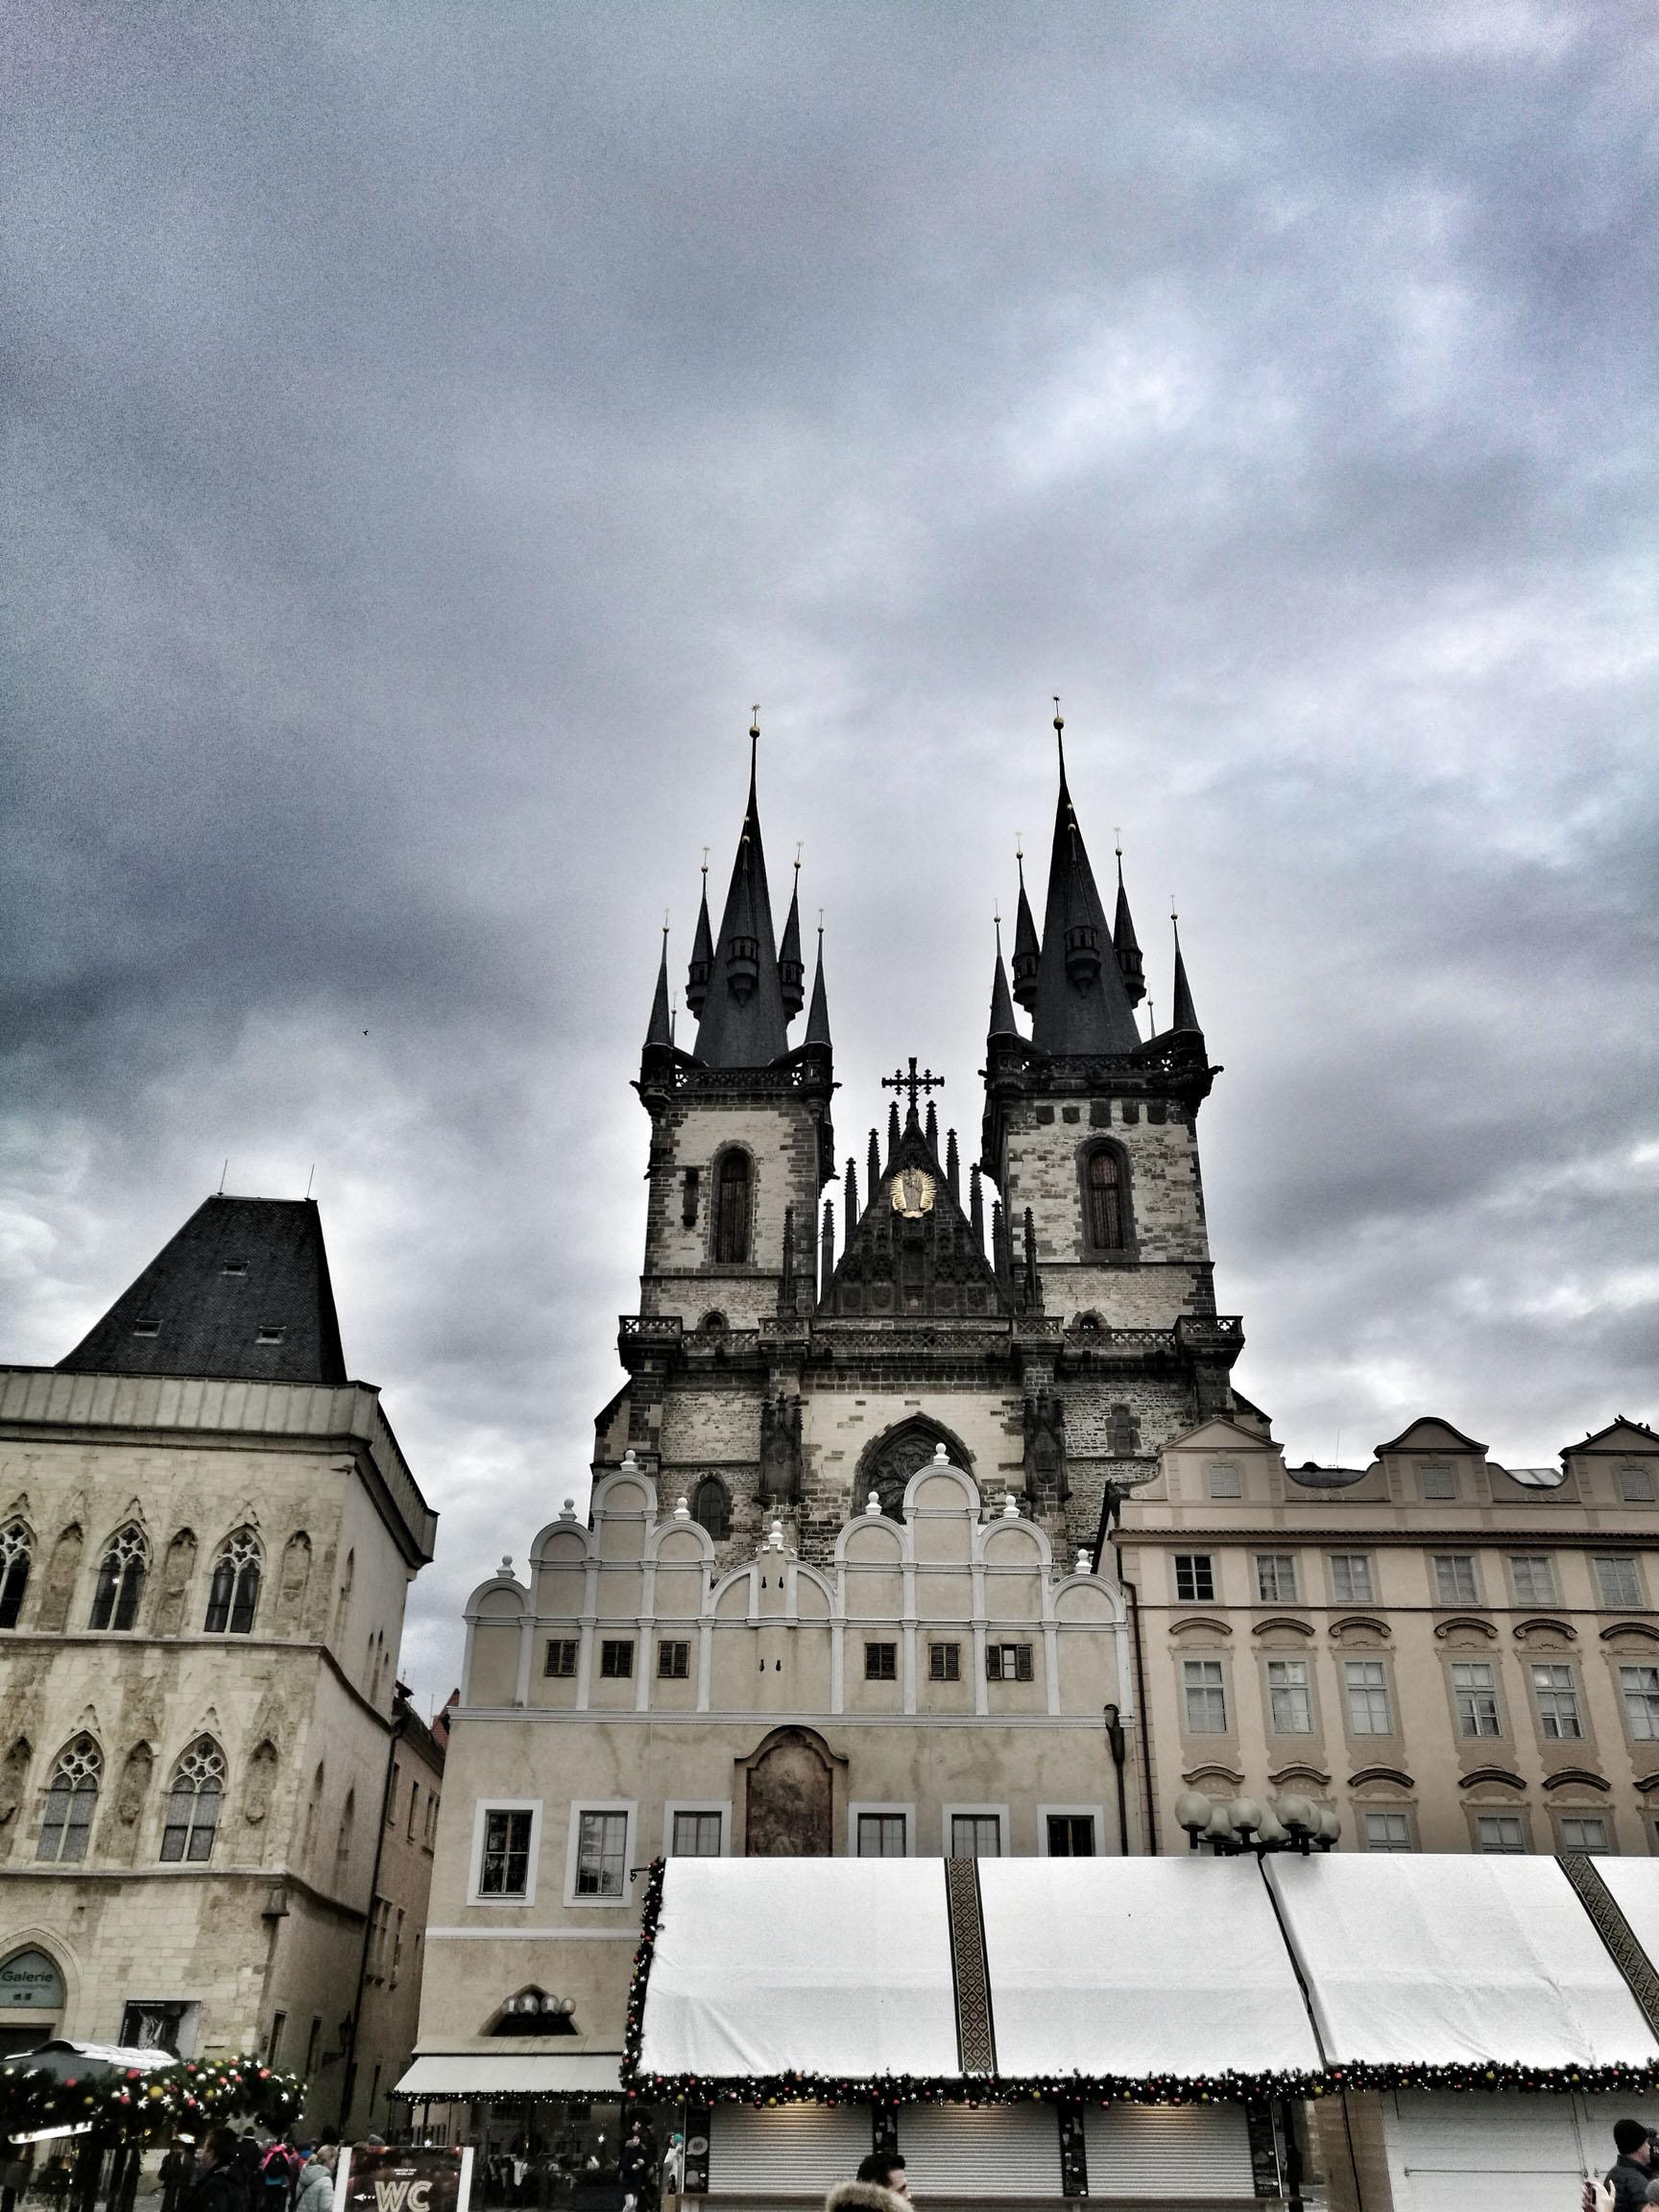 Blossom zine Praga in 4 giorni la Chiesa di Santa Maria di Tyn